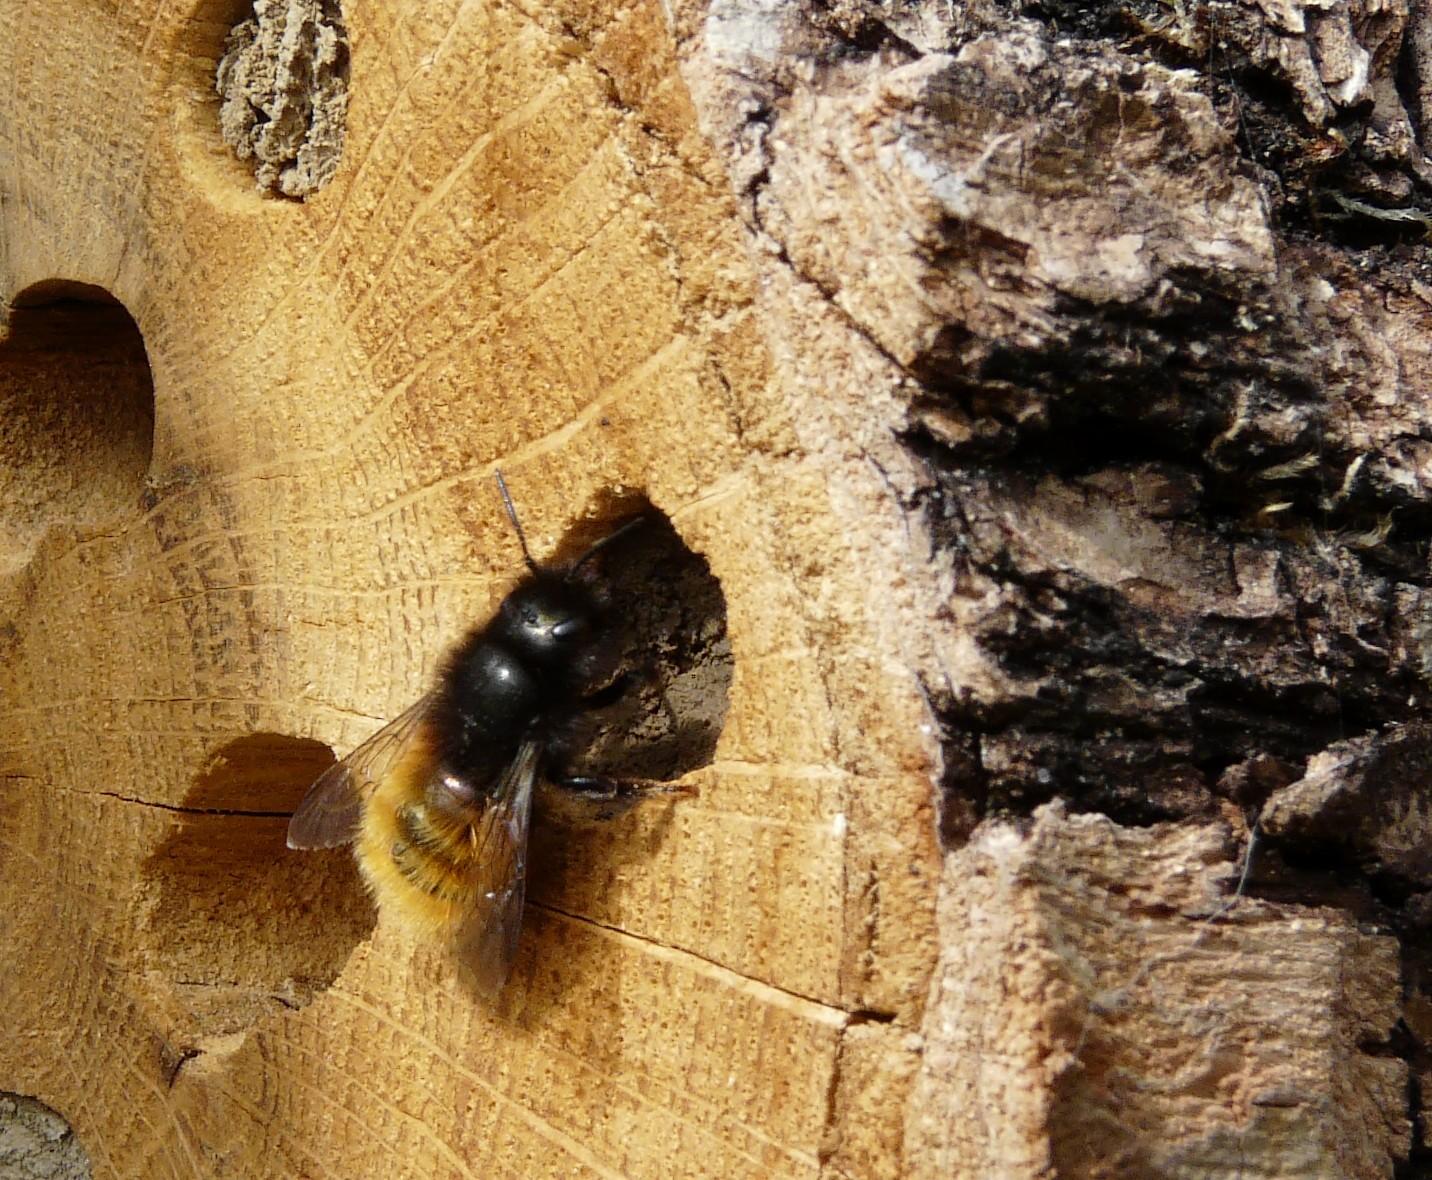 Un hôtel à abeilles sauvages Osmie5_Osmia_rufa_alveole2